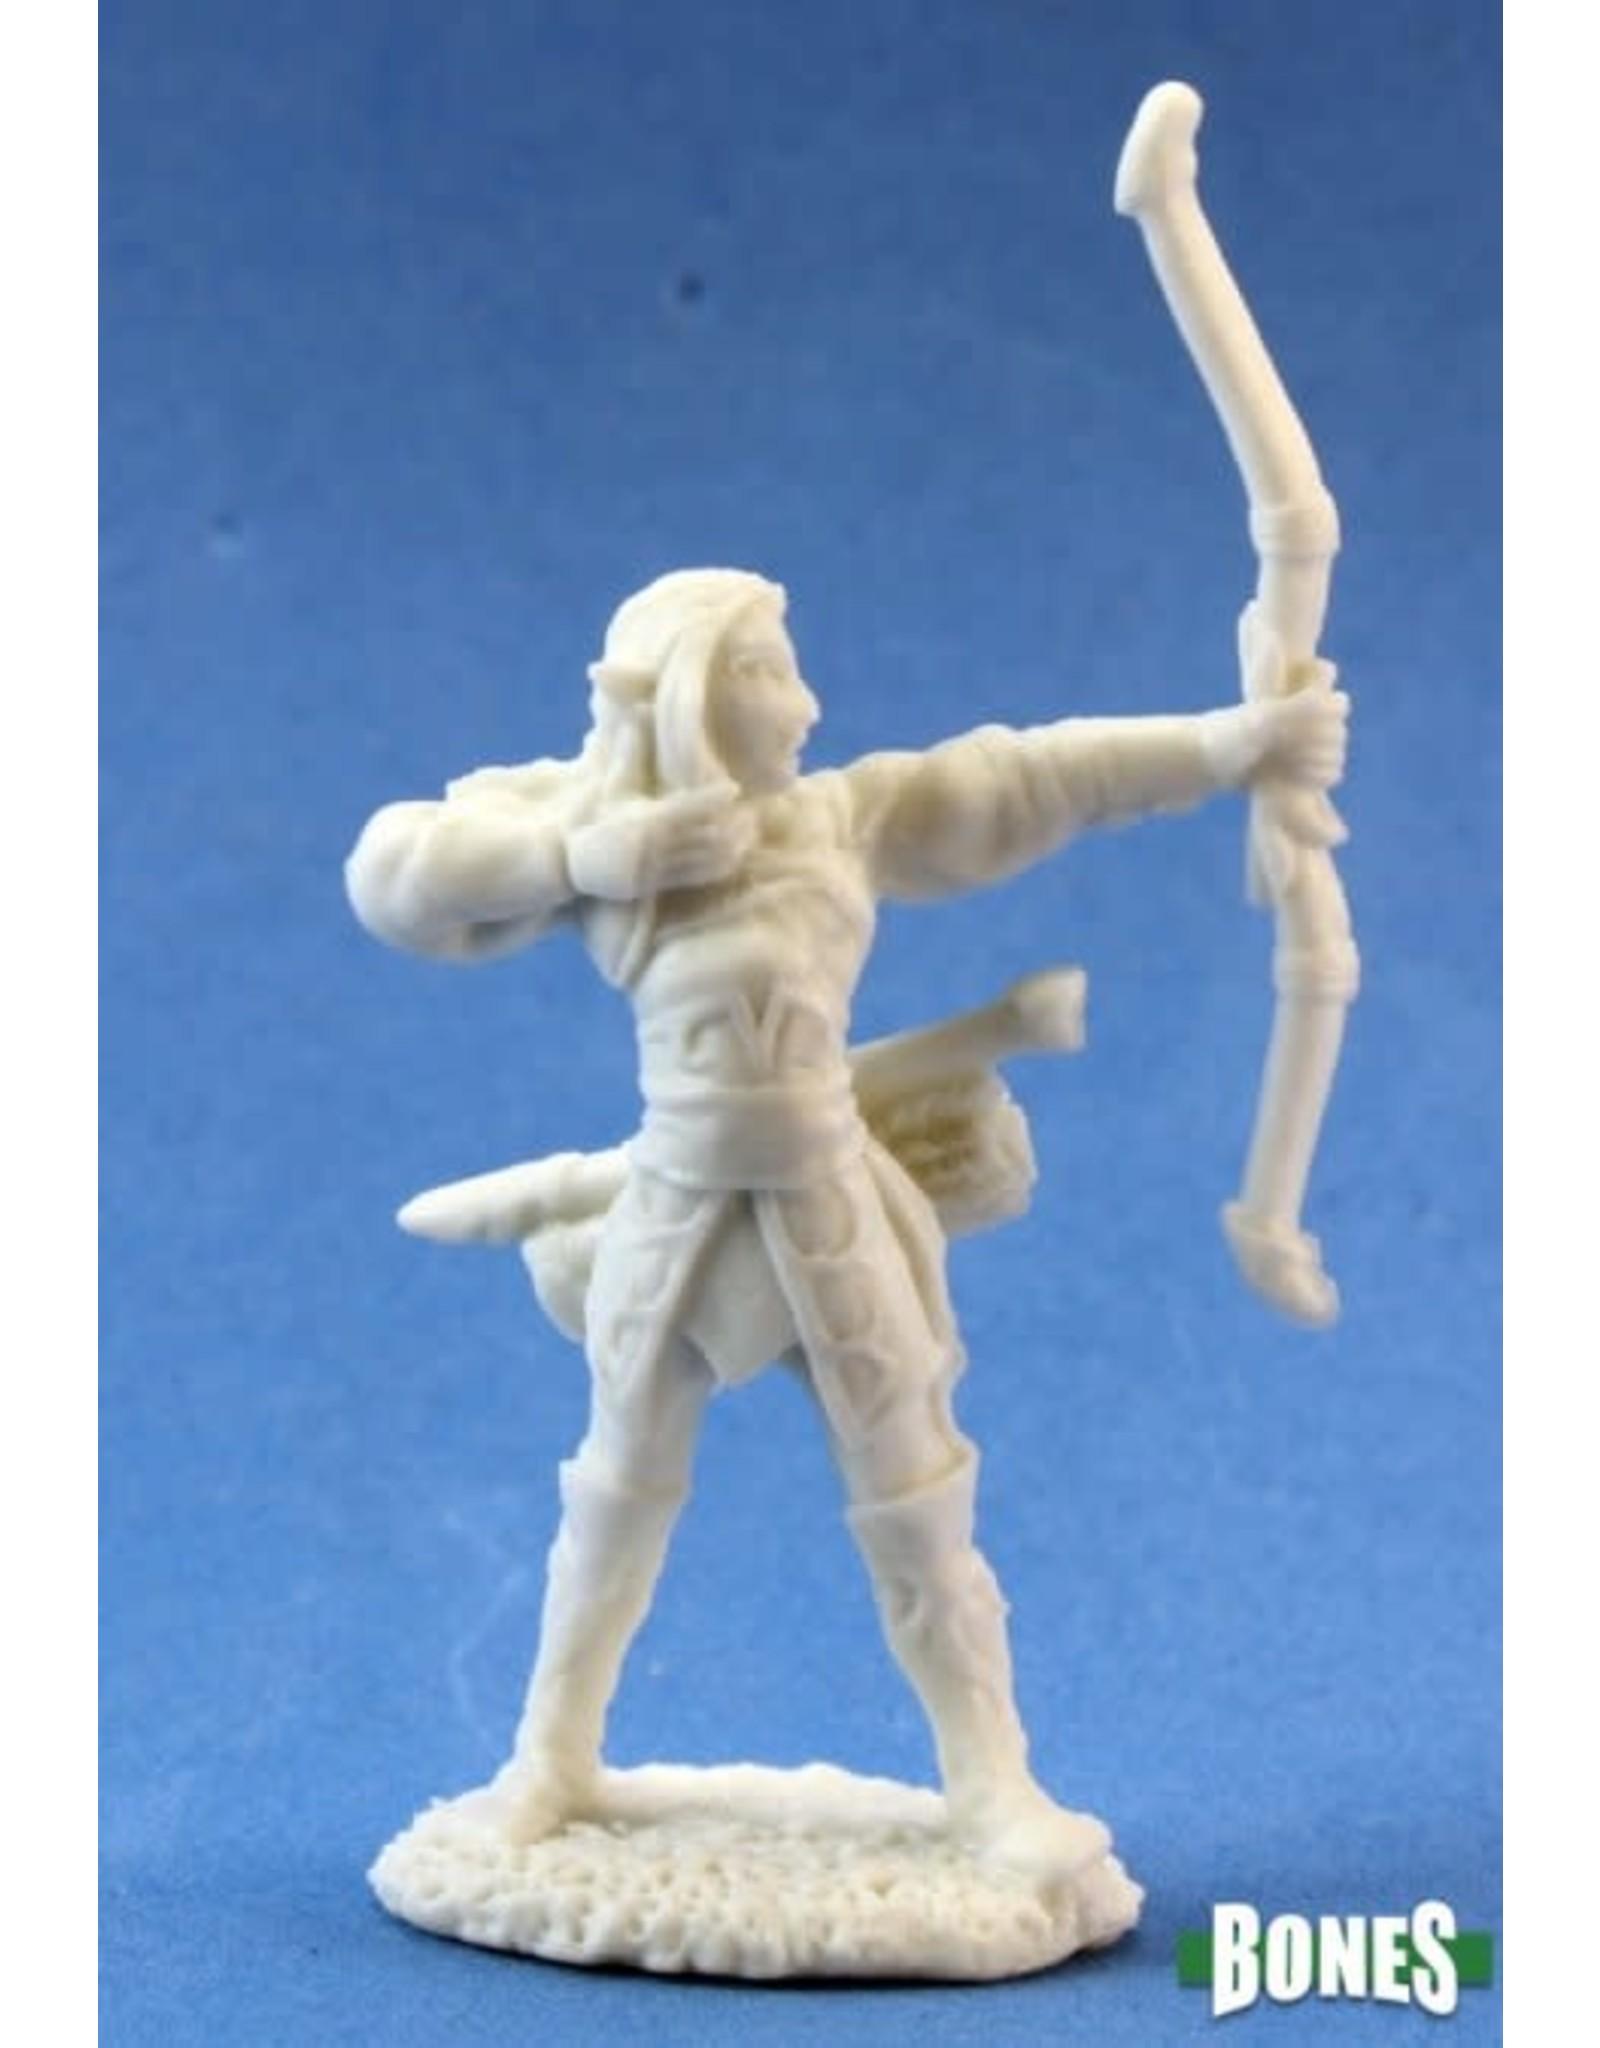 Reaper Miniatures Bones: Elf Archer Lindir